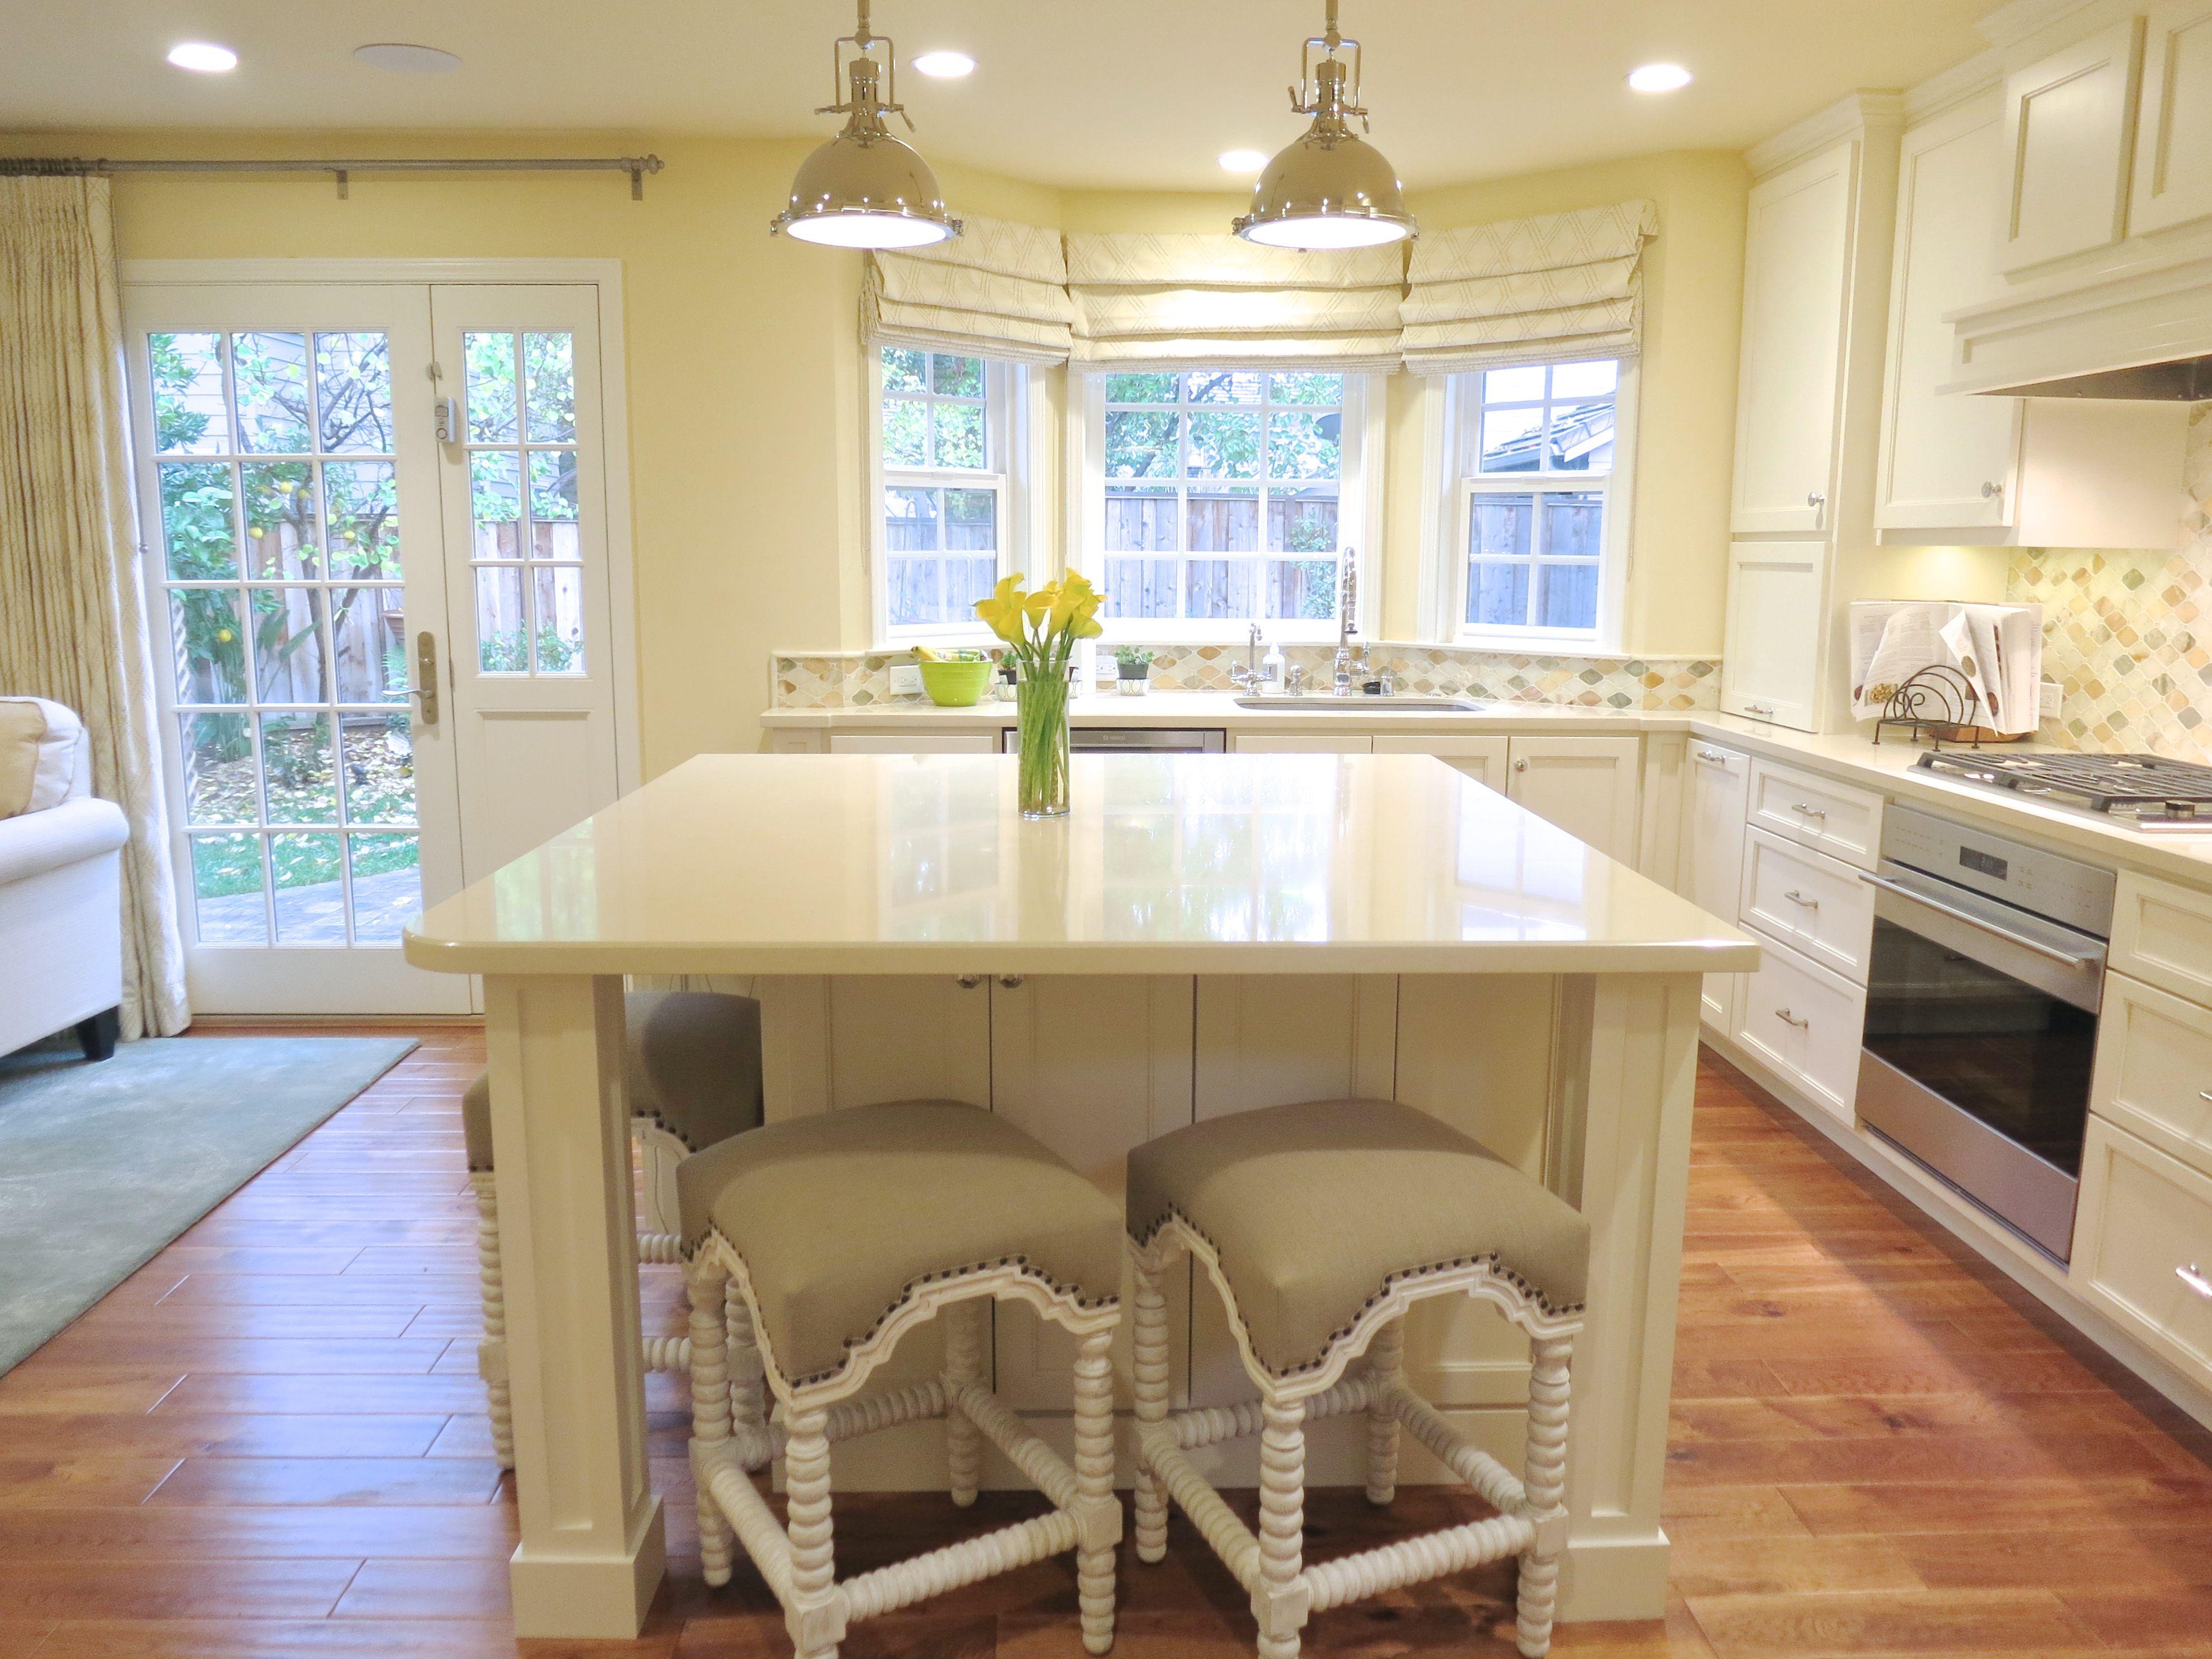 San Jose Kitchen Remodel. Designed by Katelyn Gilmour at Case Design ...